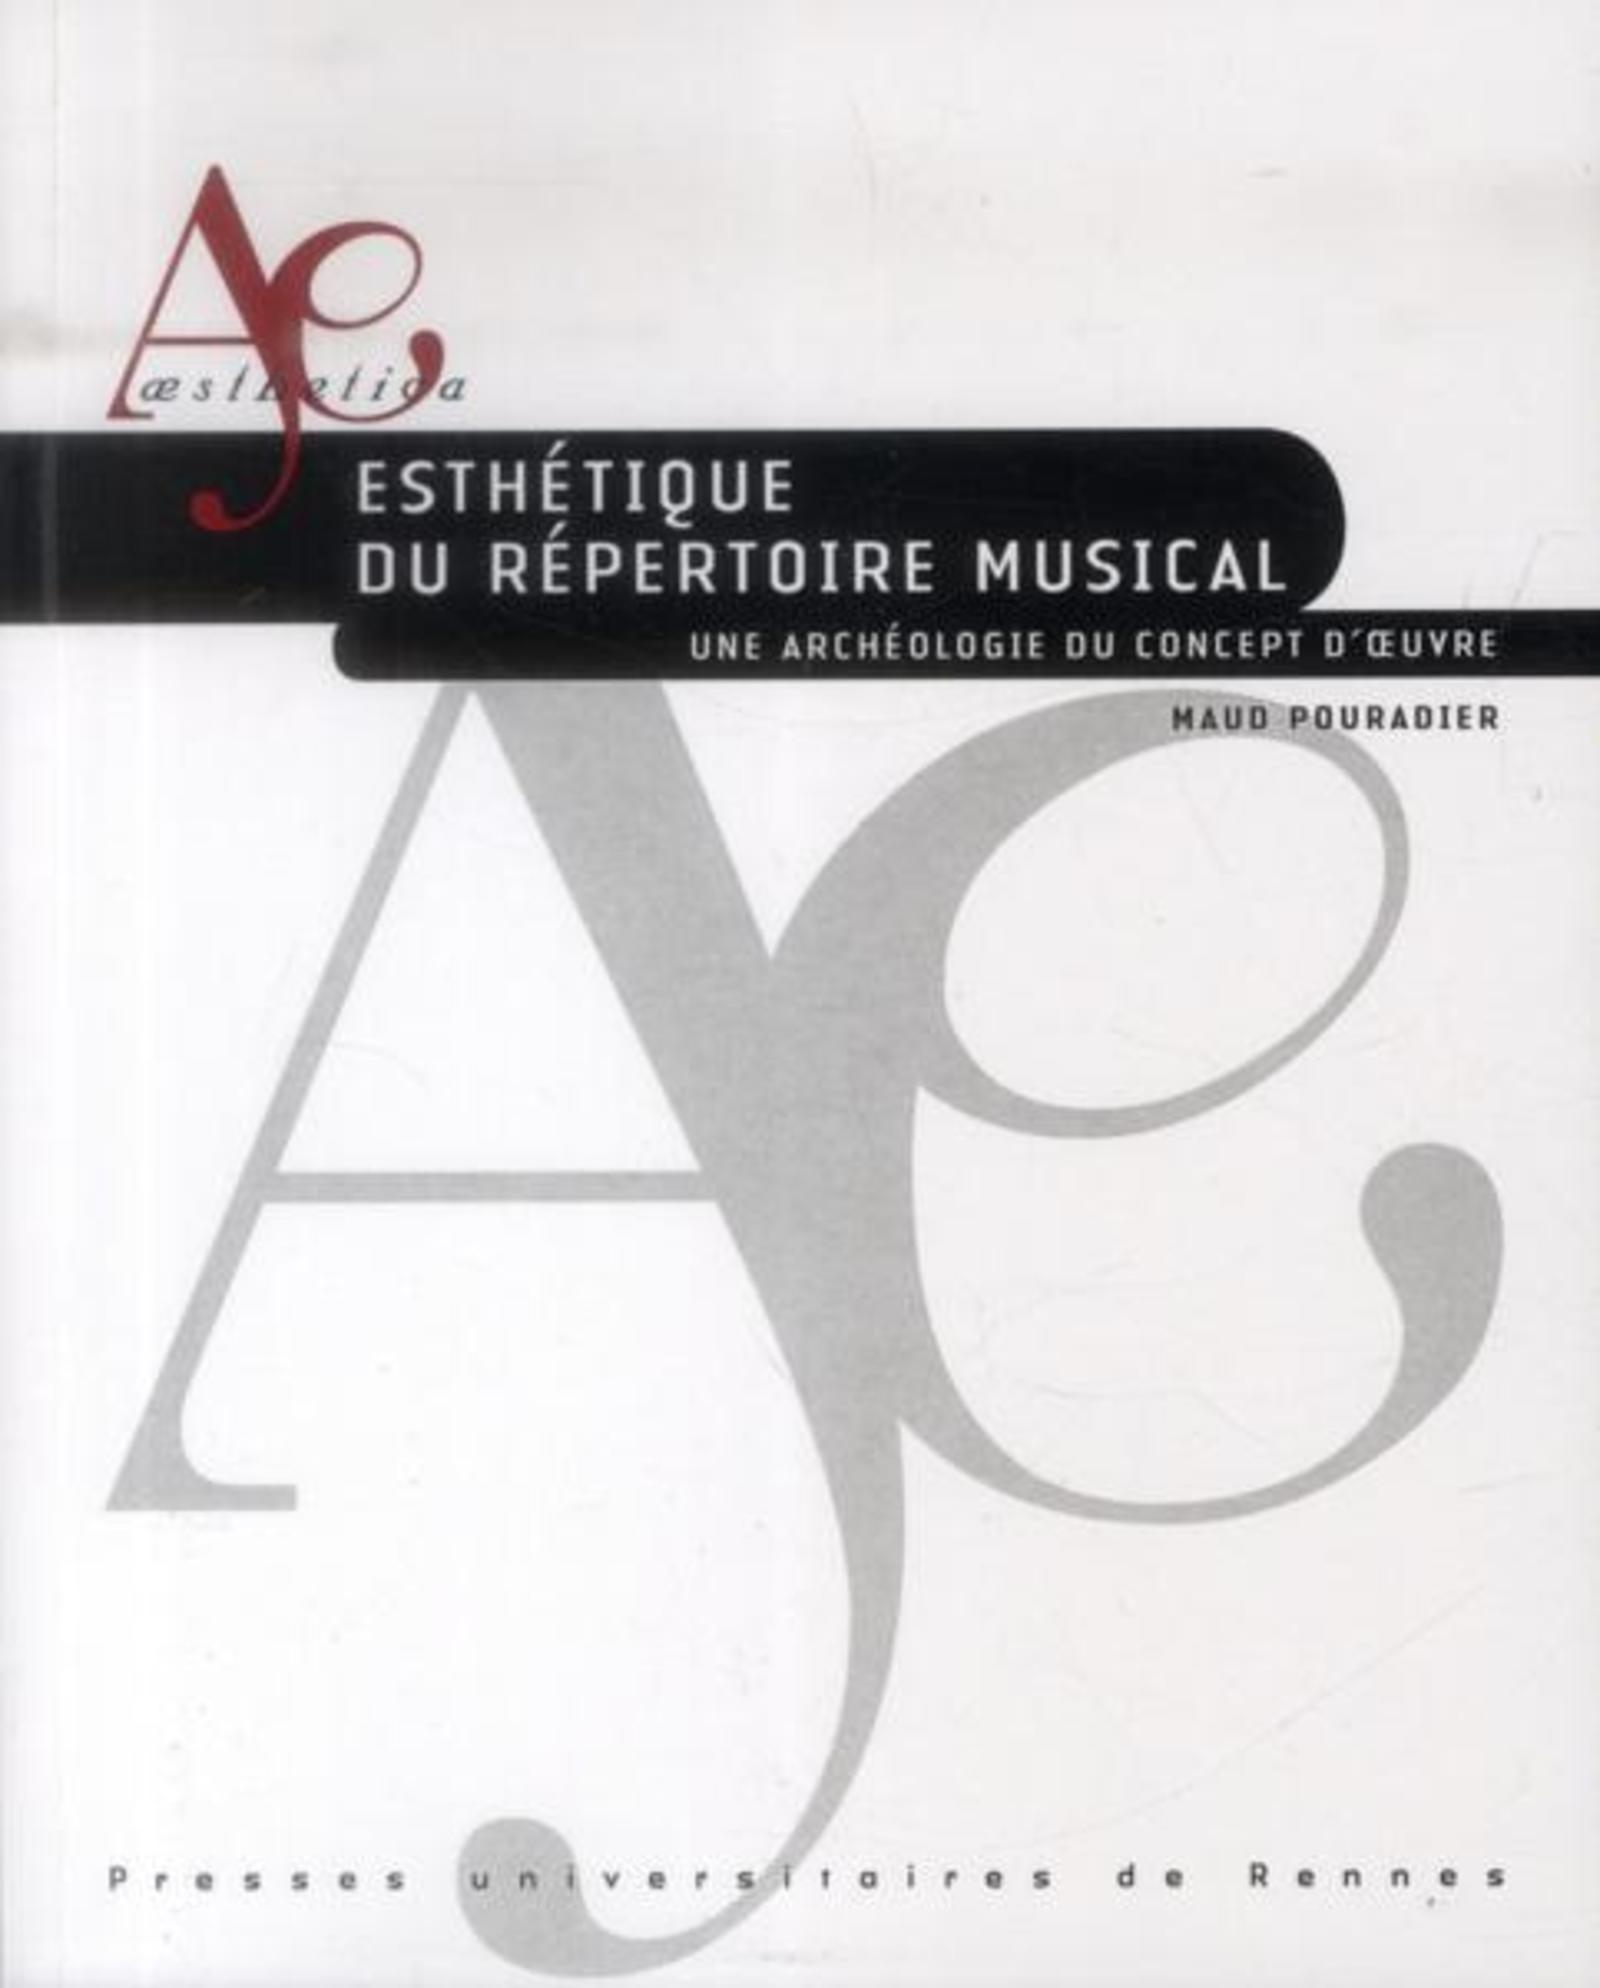 ESTHETIQUE DU REPERTOIRE MUSICAL